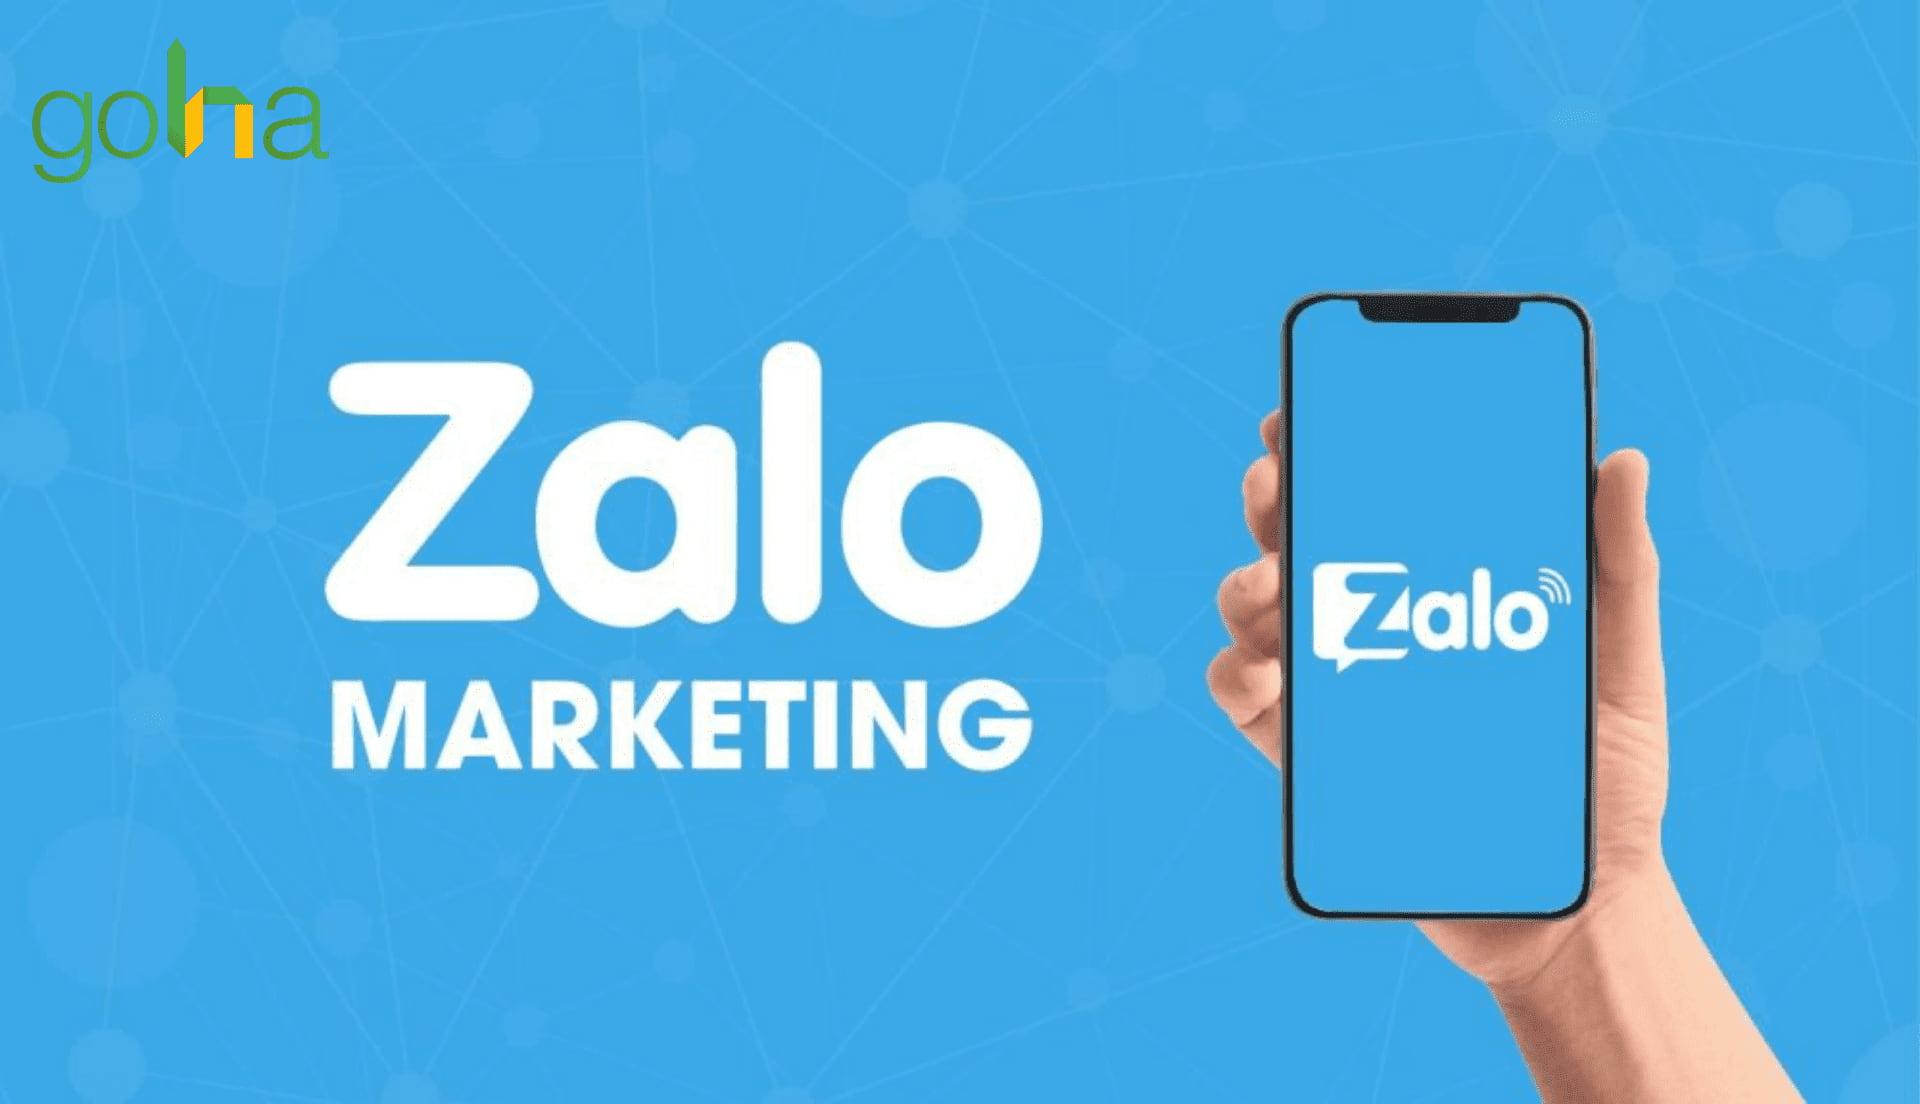 zalo-official-account-cung-la-mot-phuong-phap-marketing-nha-khoa